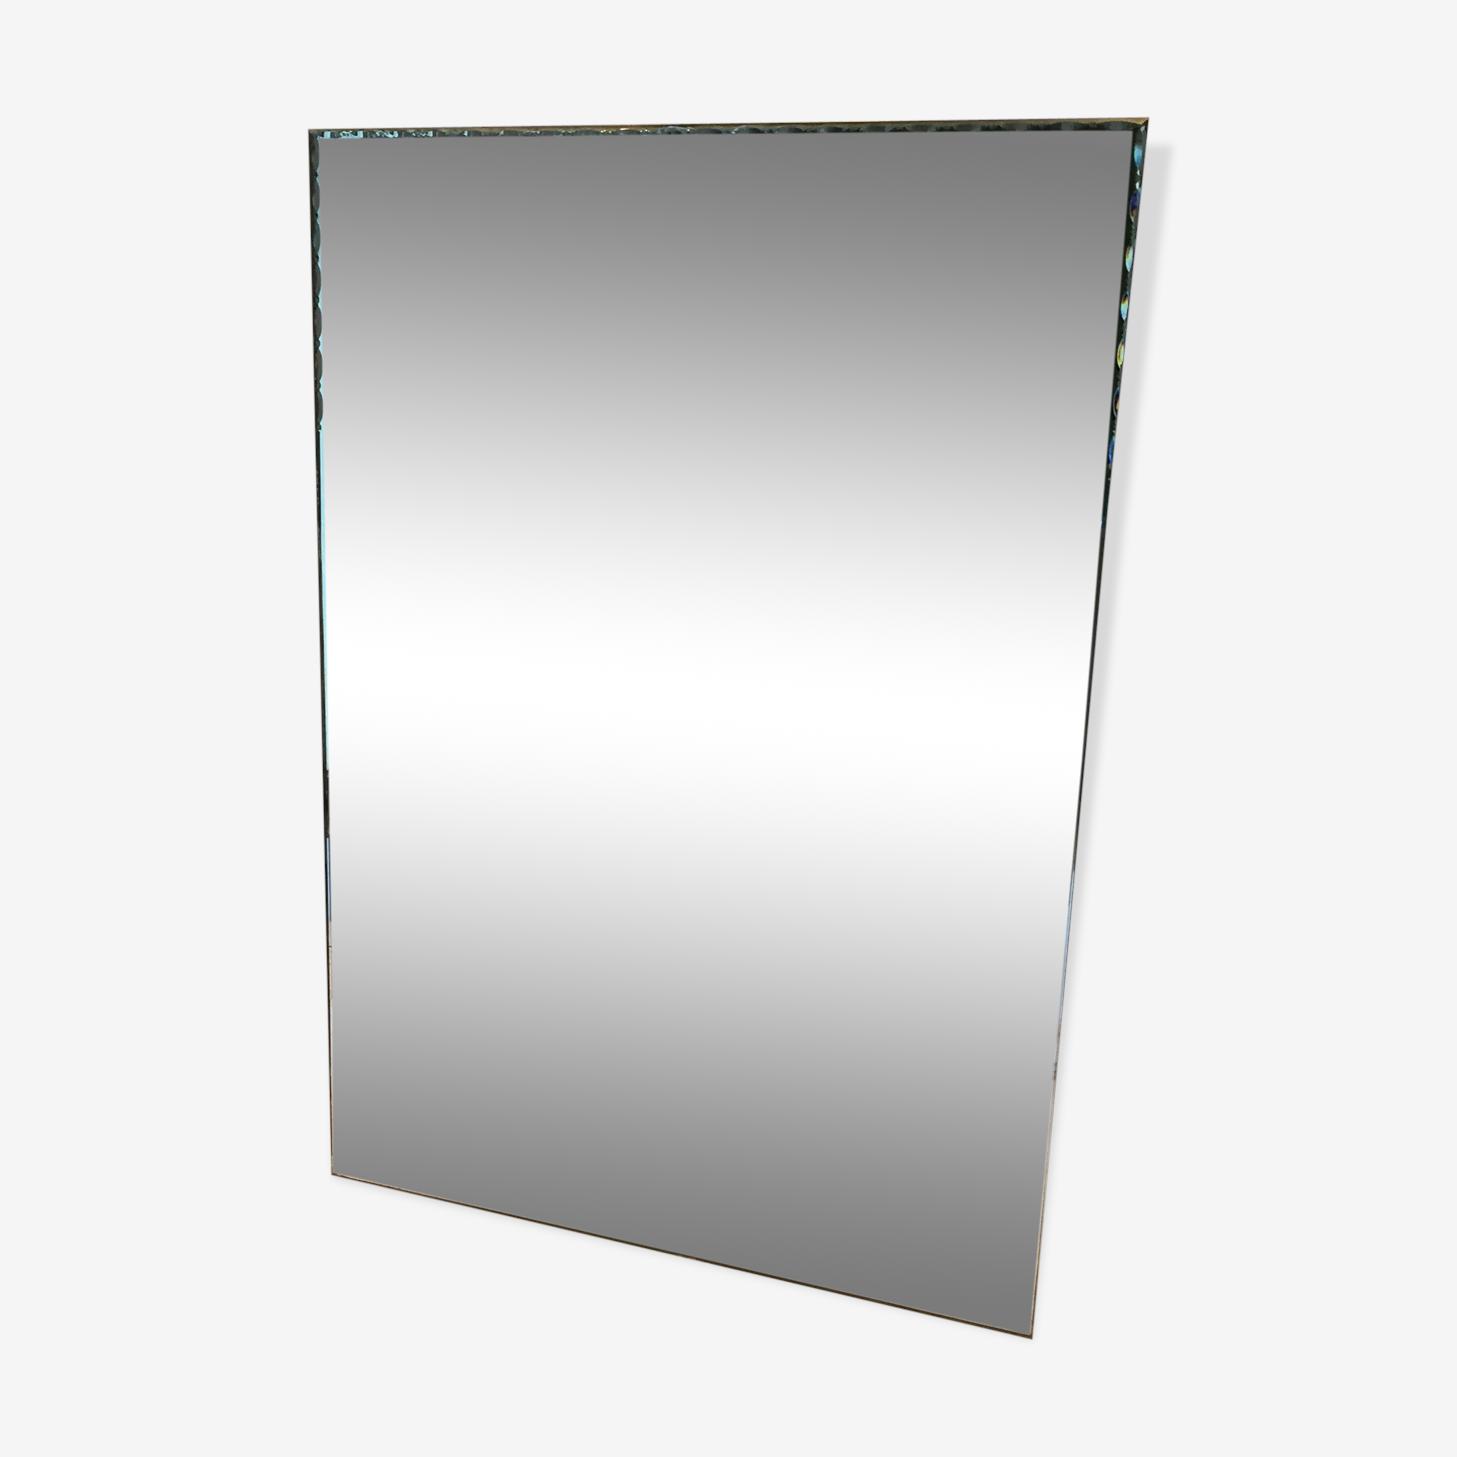 Miroir biseauté rectangulaire 120x80cm